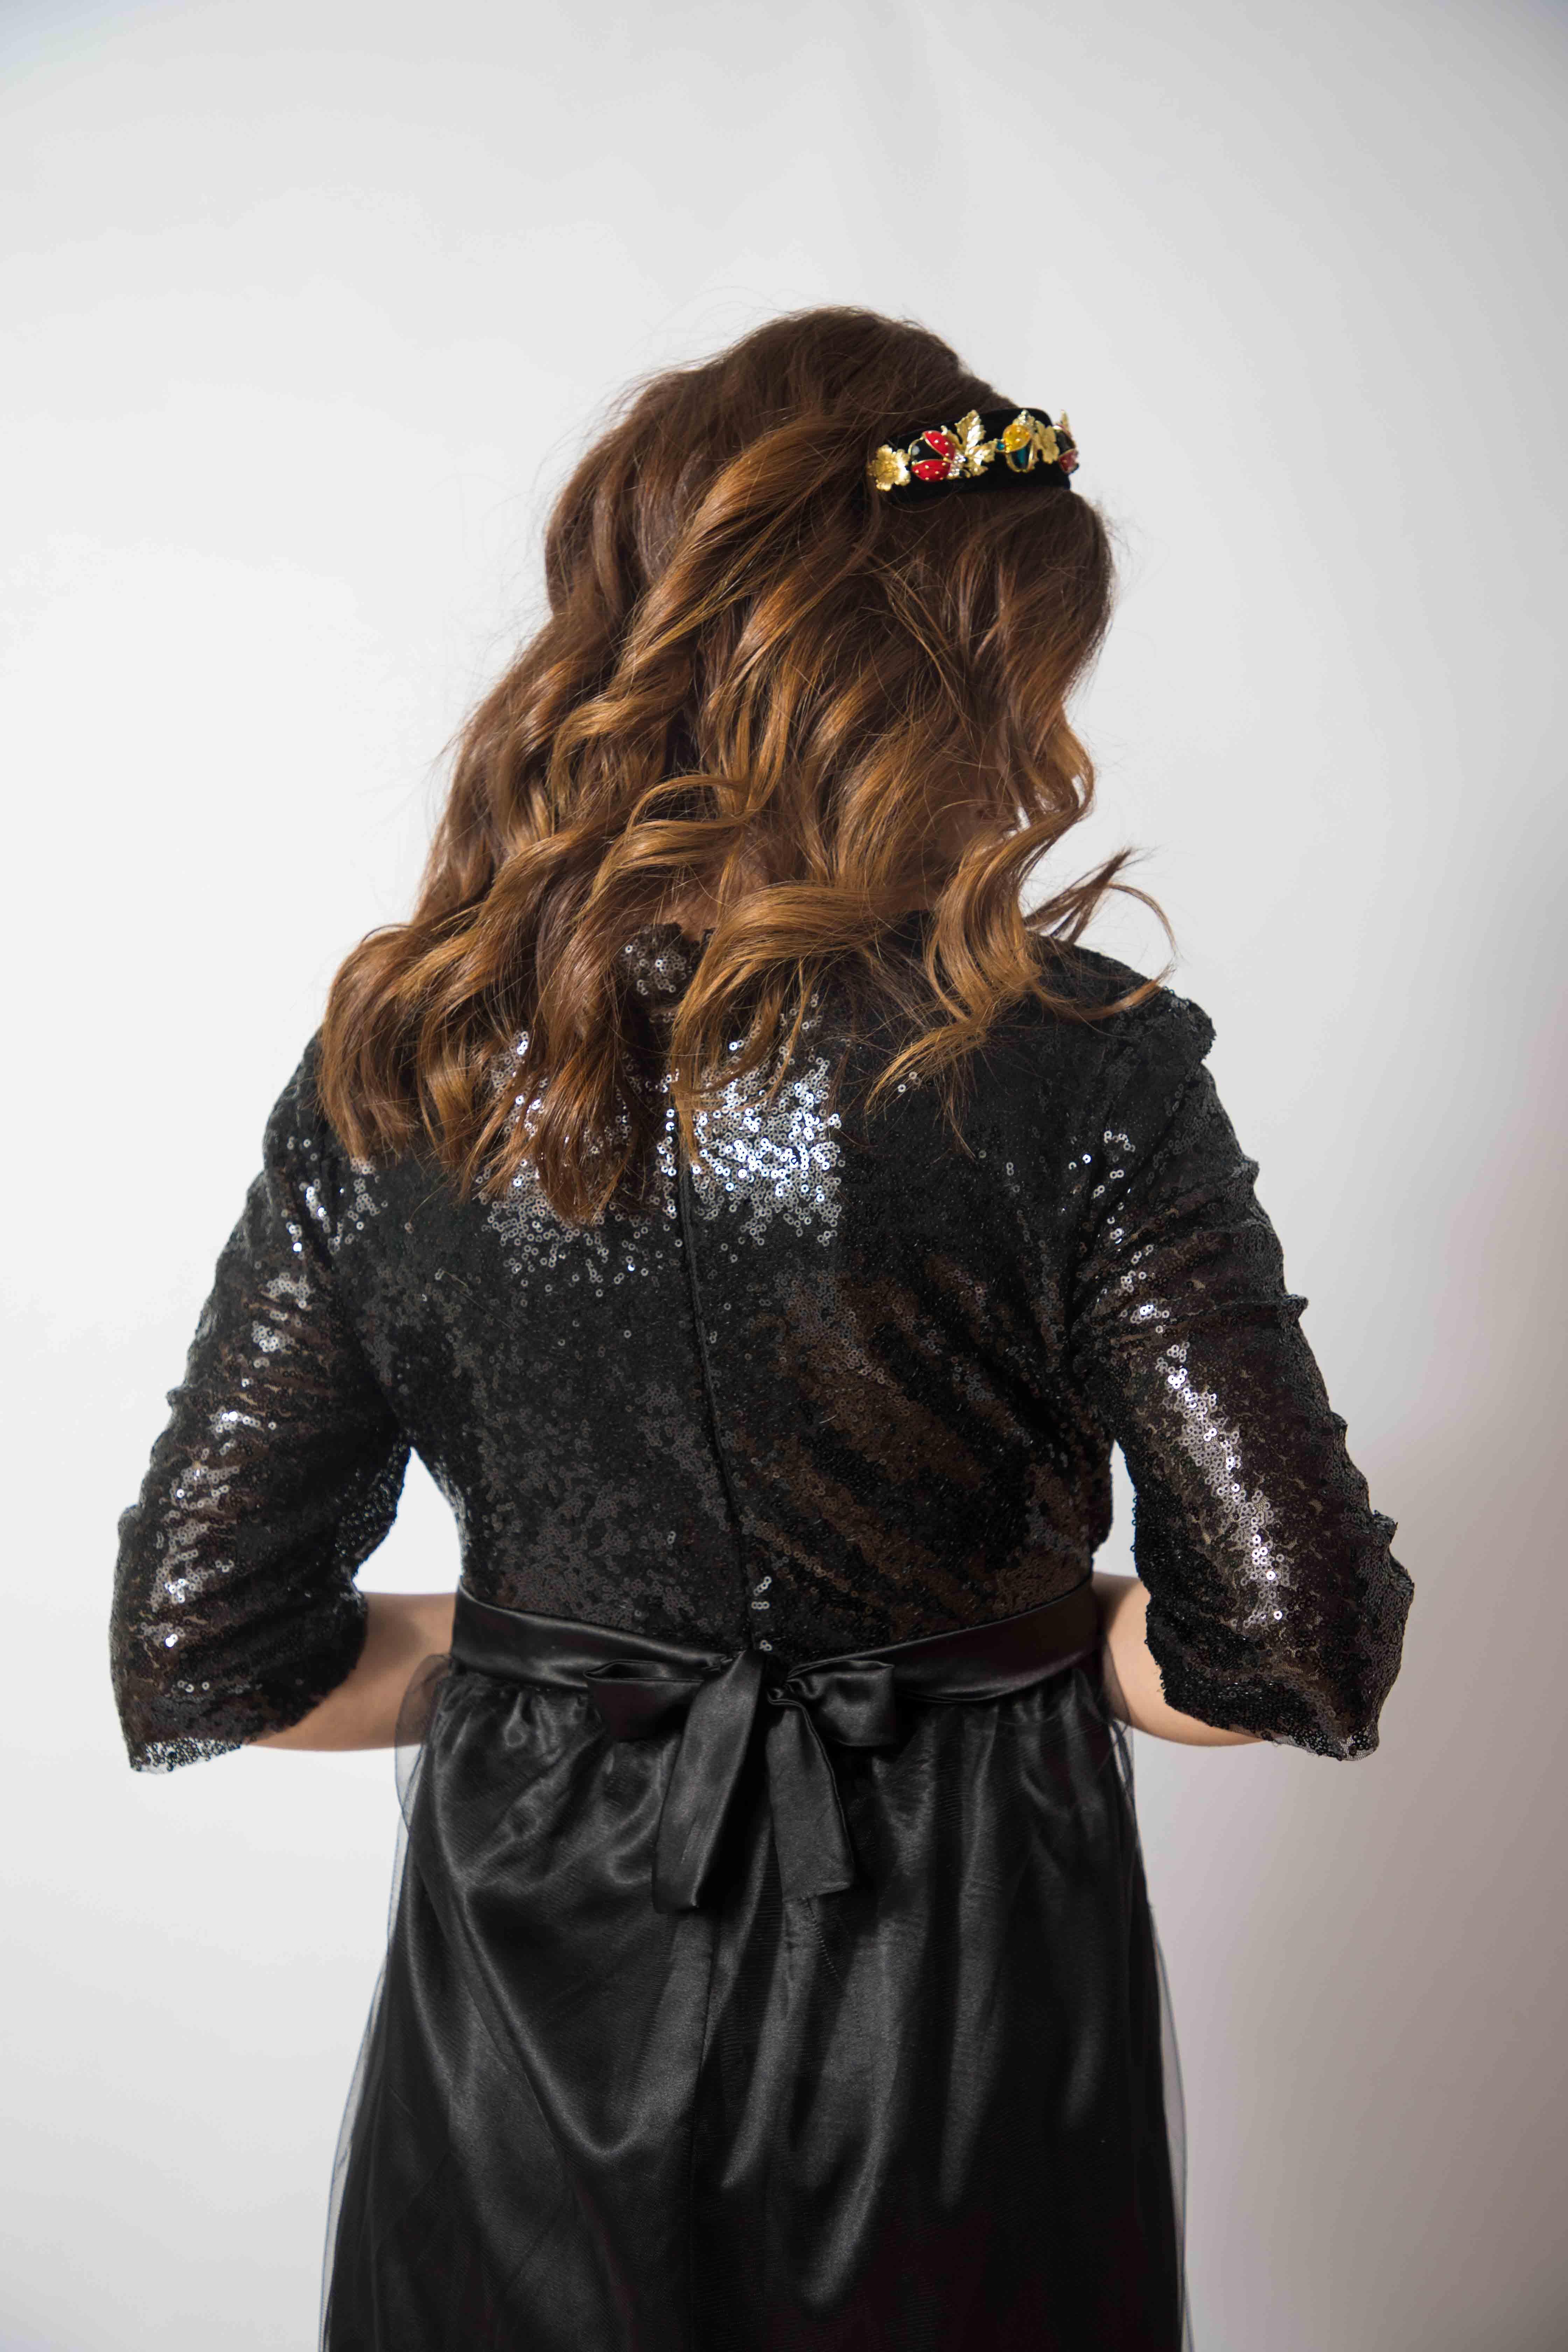 tulle-noire-rochie-eleganta-gravida-cu-paiete-stralucitoare-transport-gratuit 5